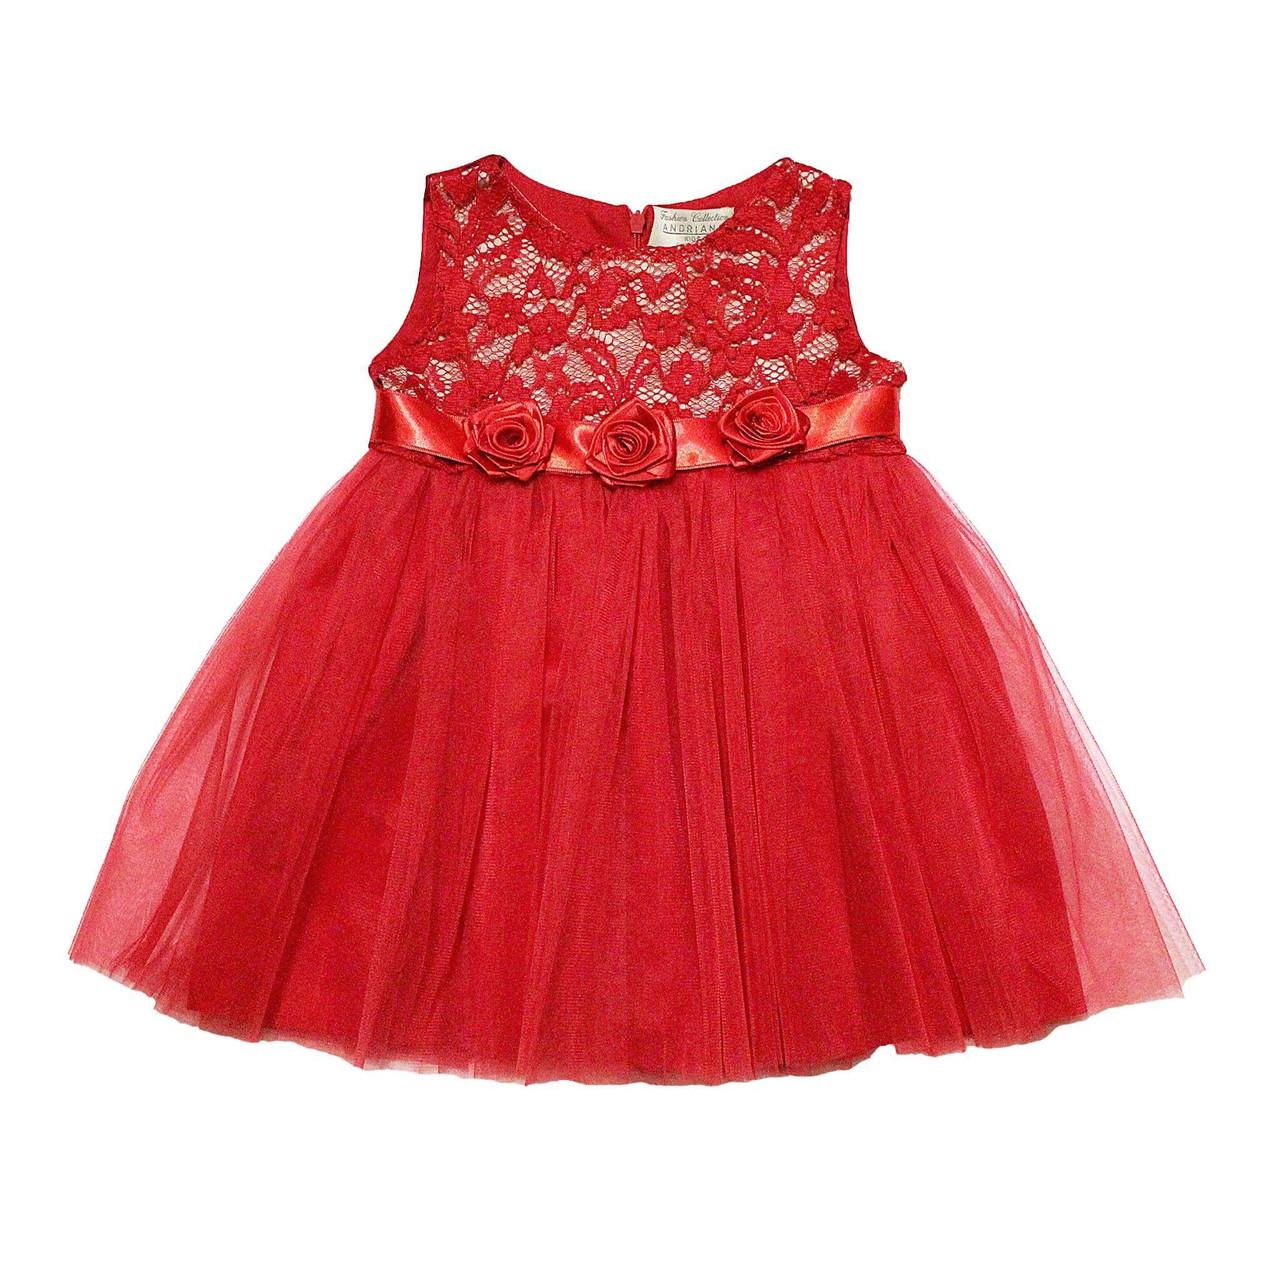 Дизайнерское платье Andriana Kids красное с фатином (80-86 размер)